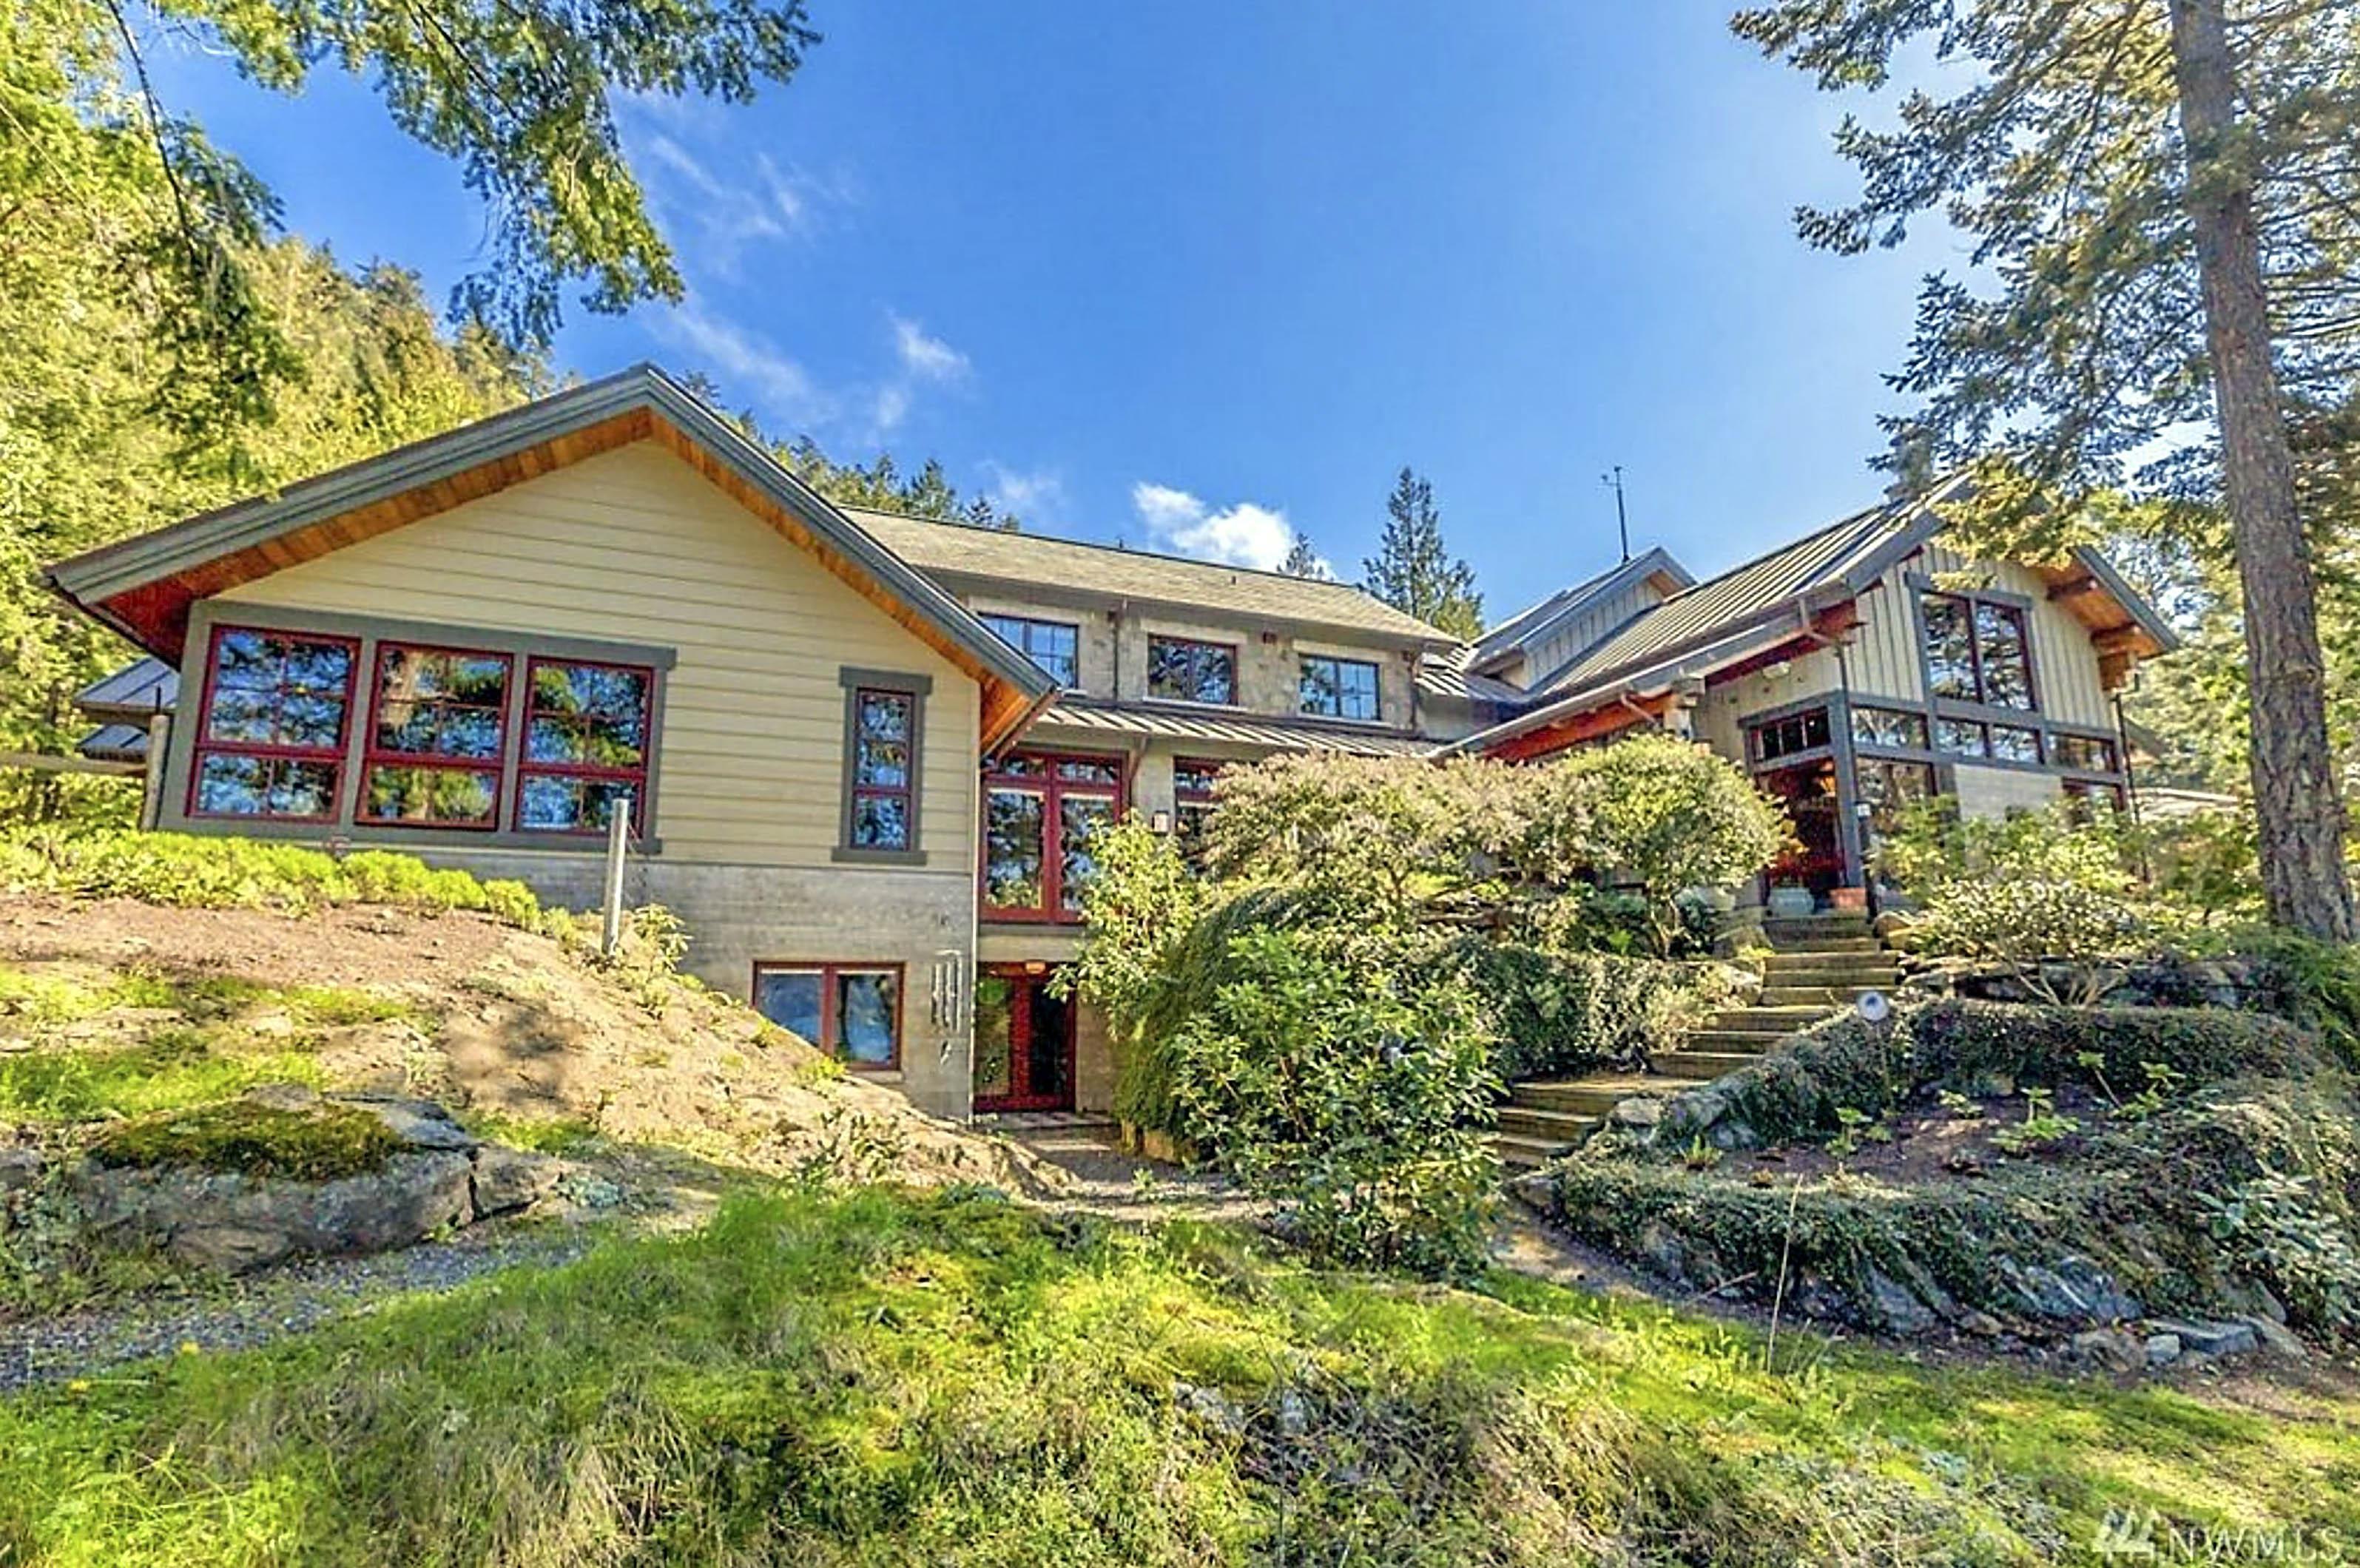 Oprah Winfrey vende lujosa mansión frente al mar por 14 millones de dólares  | Famosos | Univision